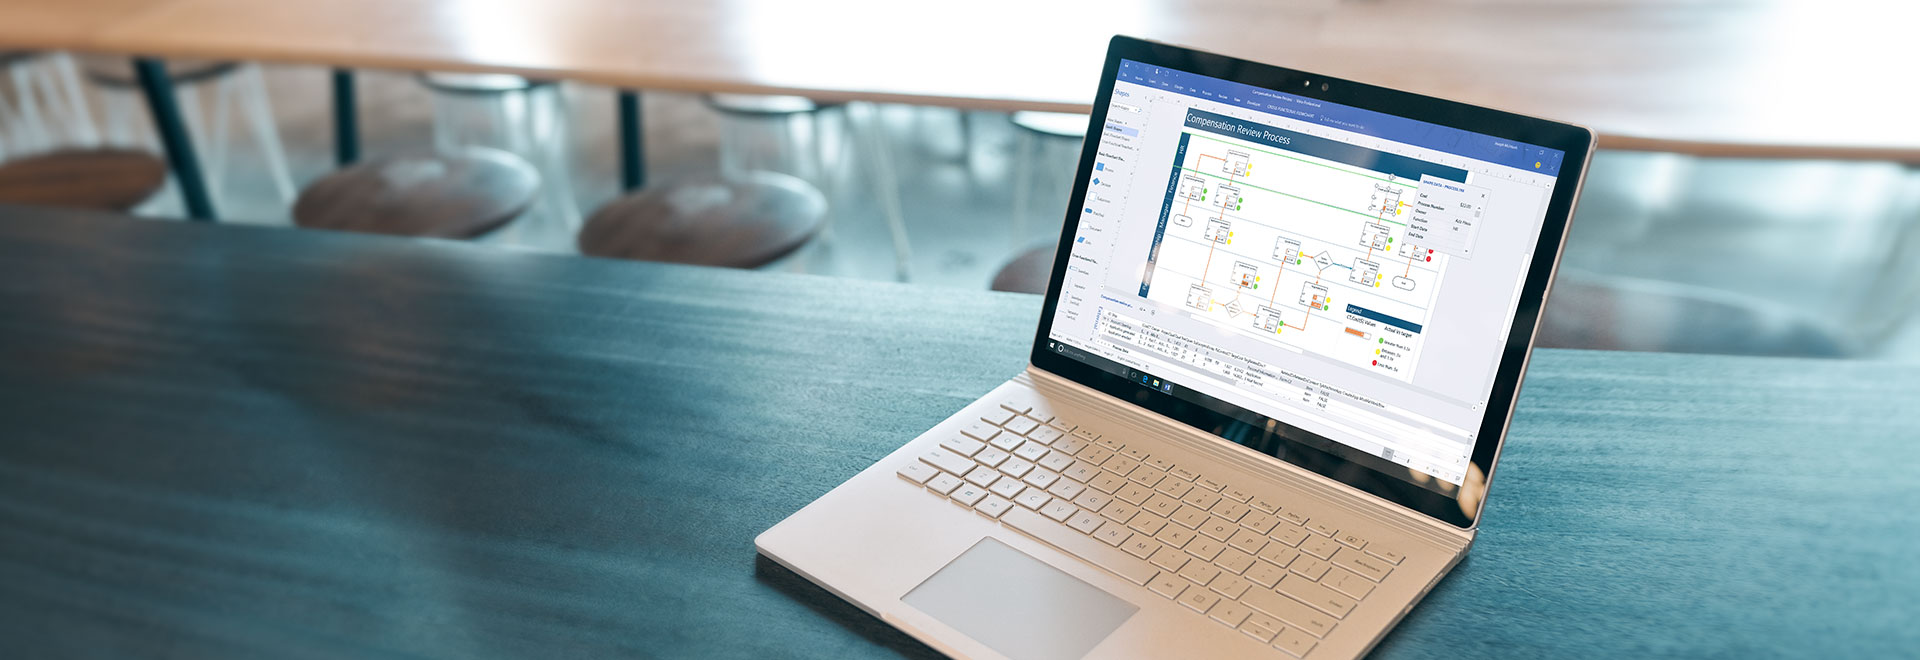 Prijenosno računalo na kojem je prikazan dijagram tijeka procesa u aplikaciji Visio Online Plan 2